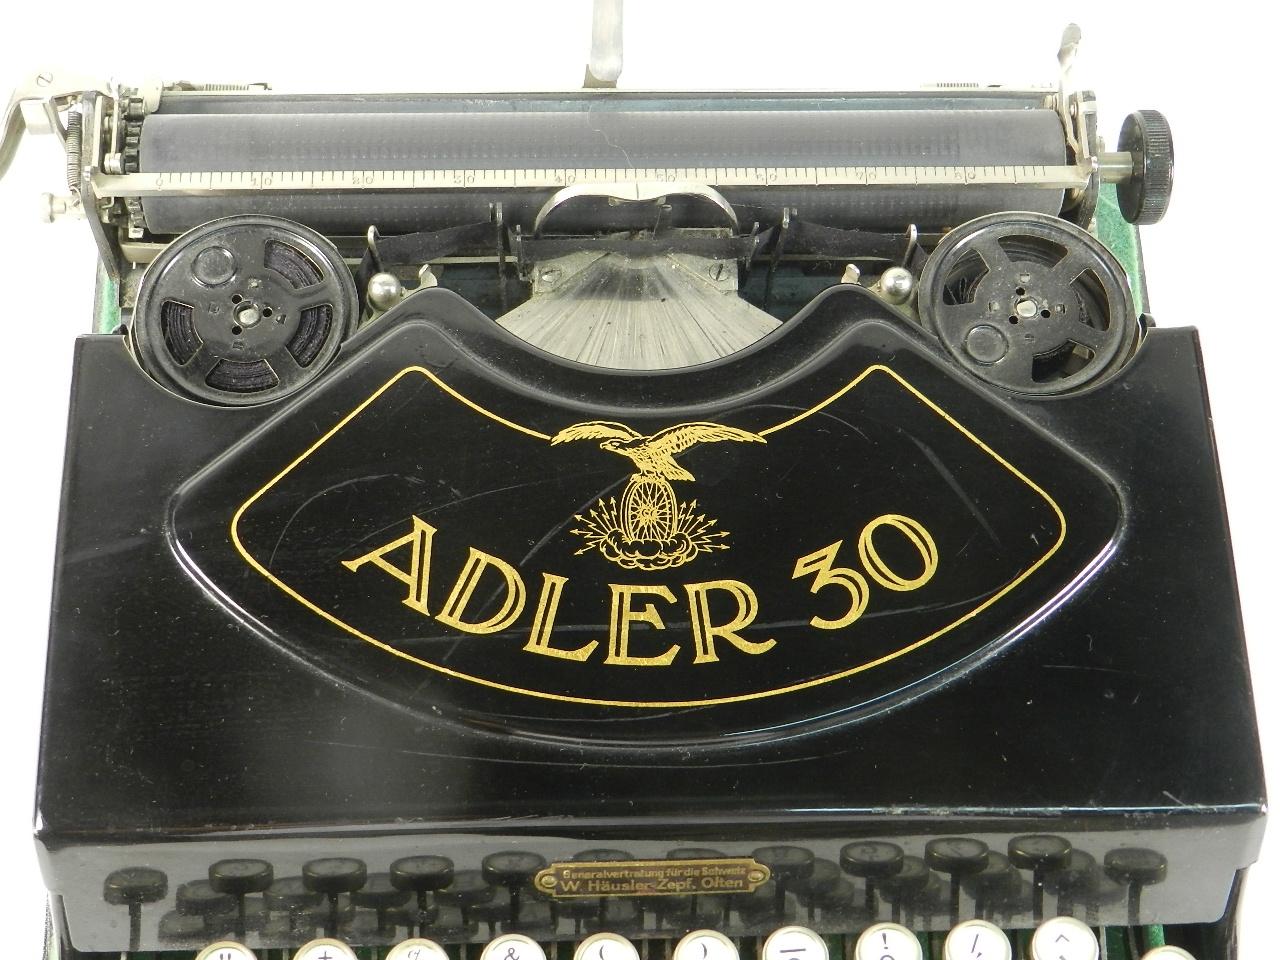 Imagen ADLER 30  AÑO 1929 29585